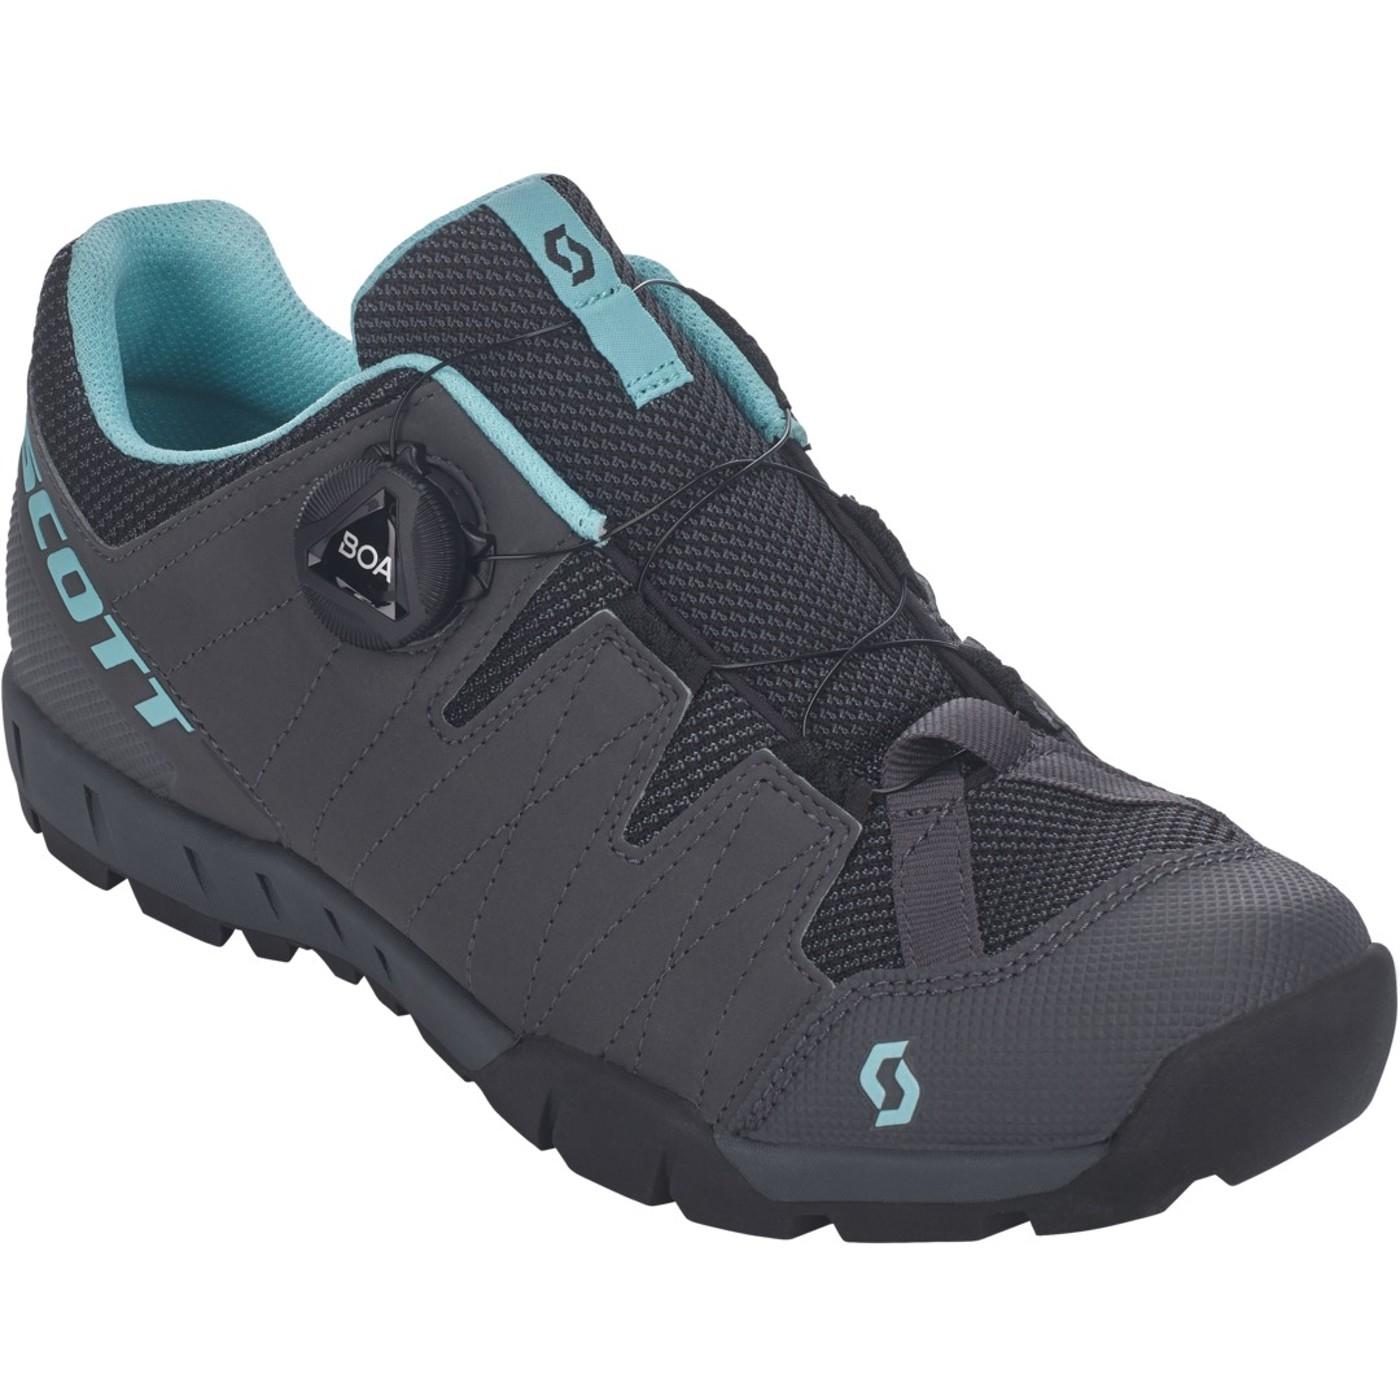 SCOTT Sport Trail BOA® Damenschuh - Damen